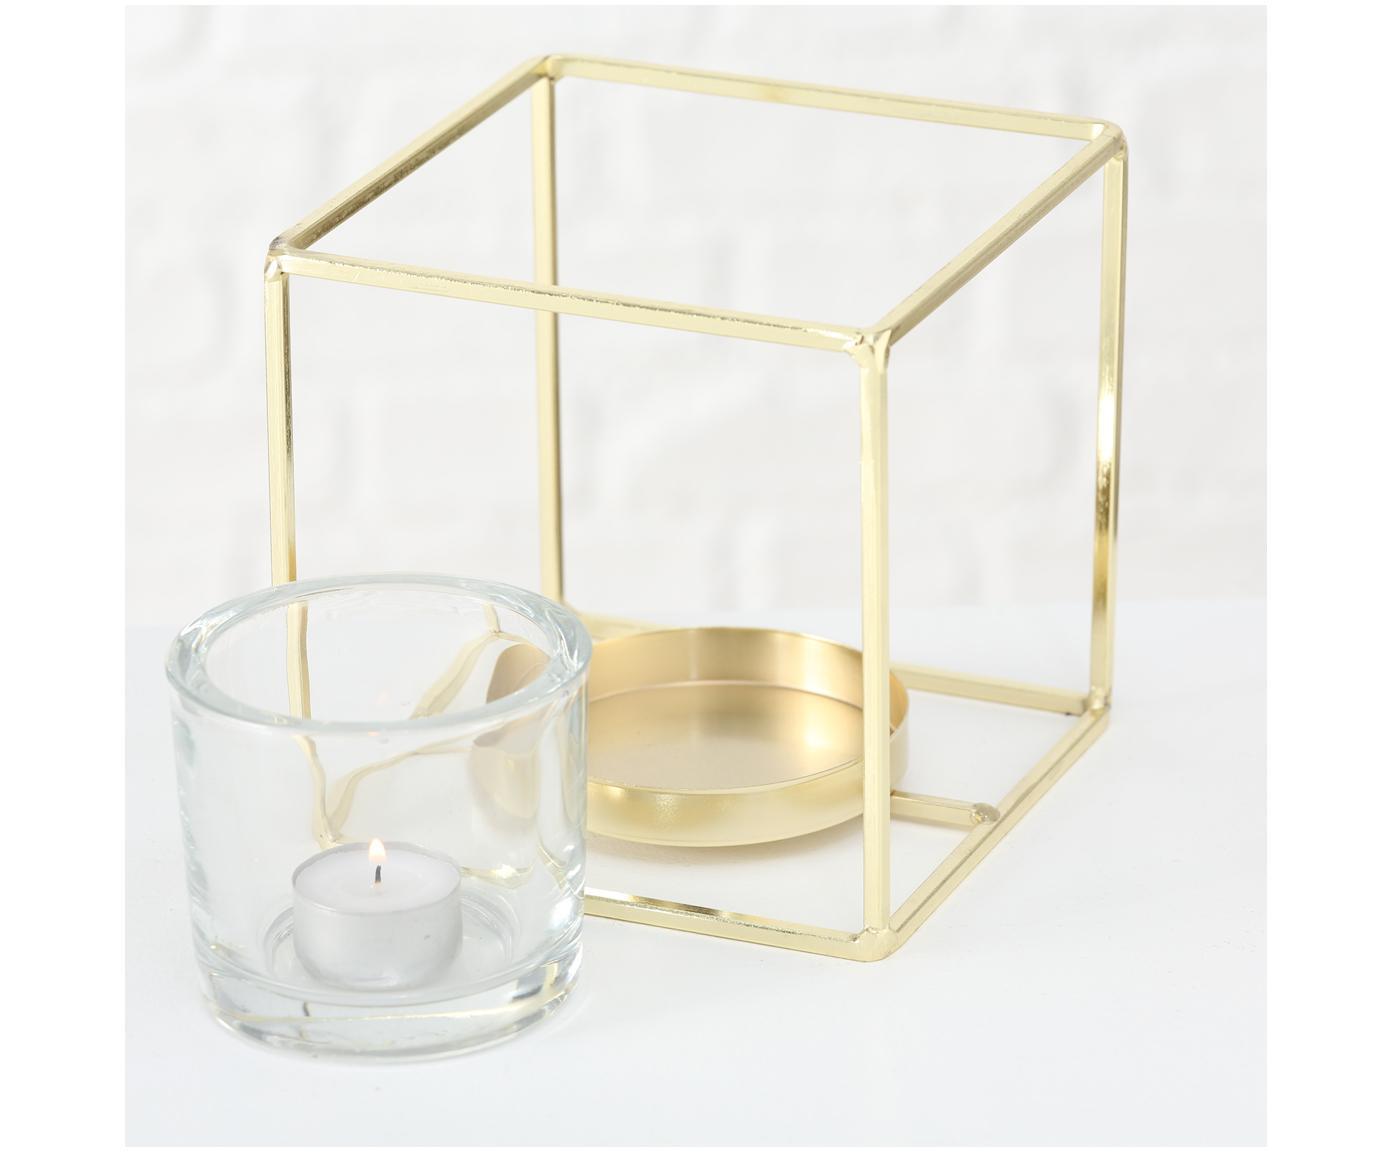 Komplet świeczników na podgrzewacze Pazo, 2elem., Stelaż: metal powlekany, Transparentny, odcienie mosiądzu, Różne rozmiary